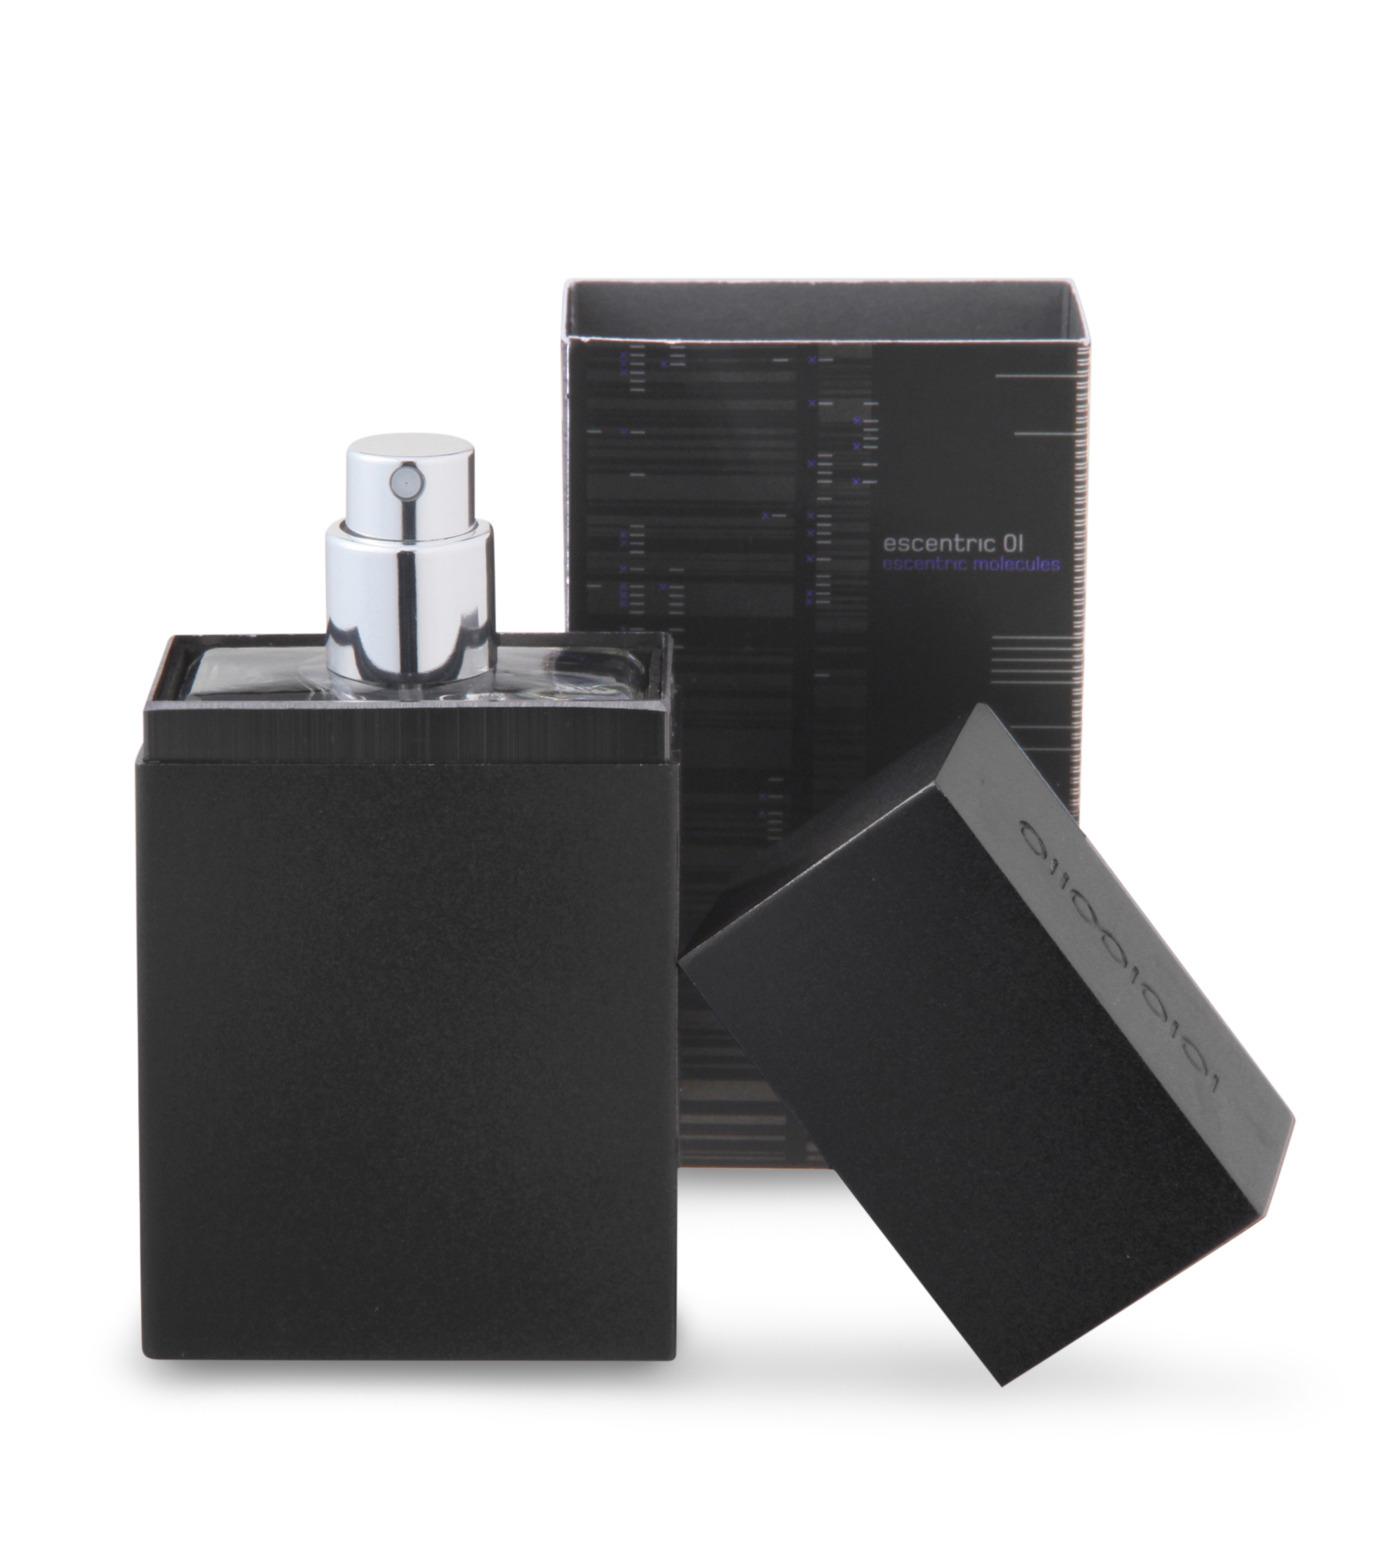 Escentric Molecules(エセントリック・モレキュールズ)のEscentric 01 30ml(ケース入)-NONE(FRAGRANCE-GROOMING/フレグランス/FRAGRANCE-GROOMING/fragrance)-110-EME-0120 拡大詳細画像2